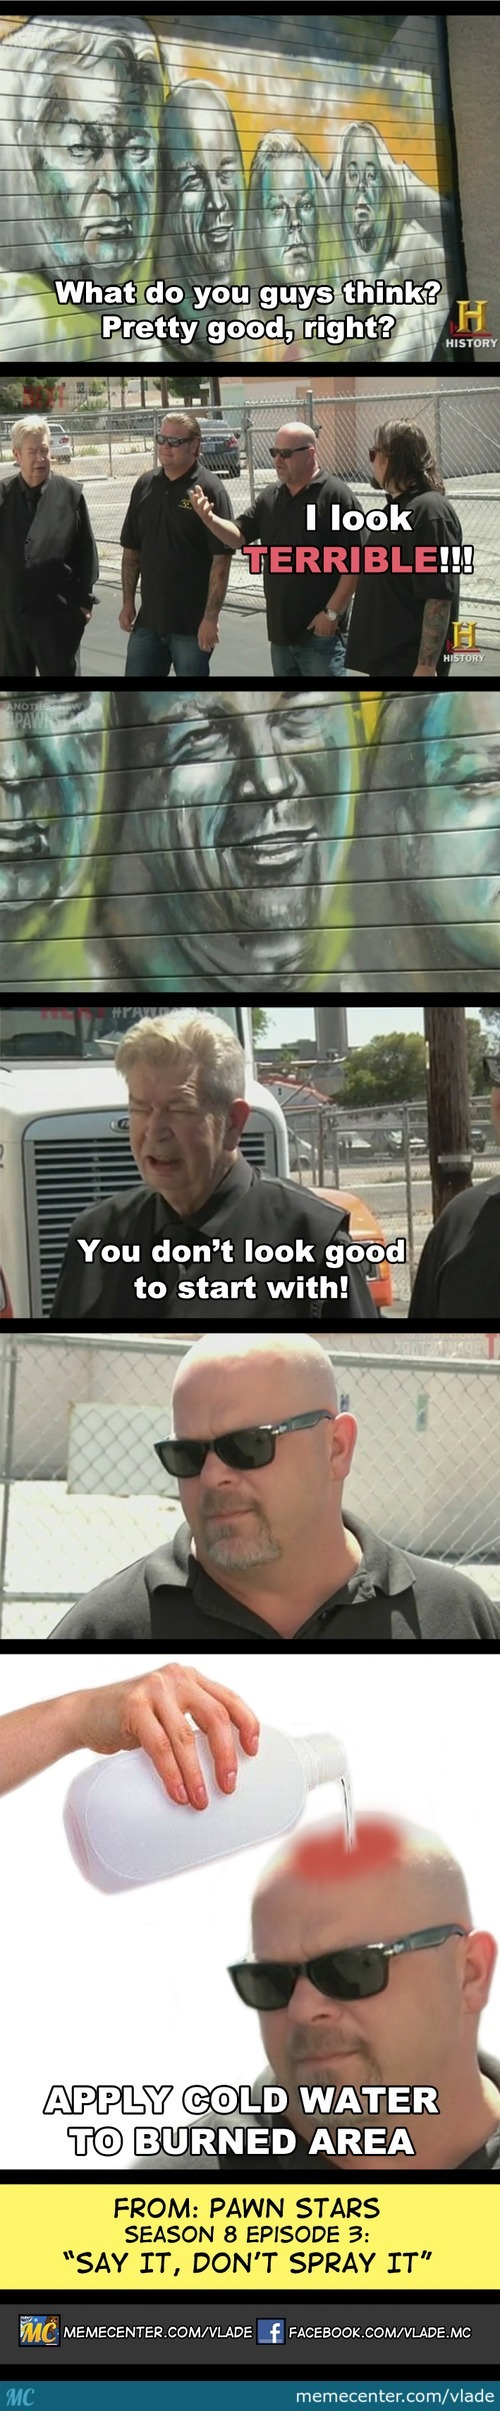 Pawn Stars Coffee Poop Meme